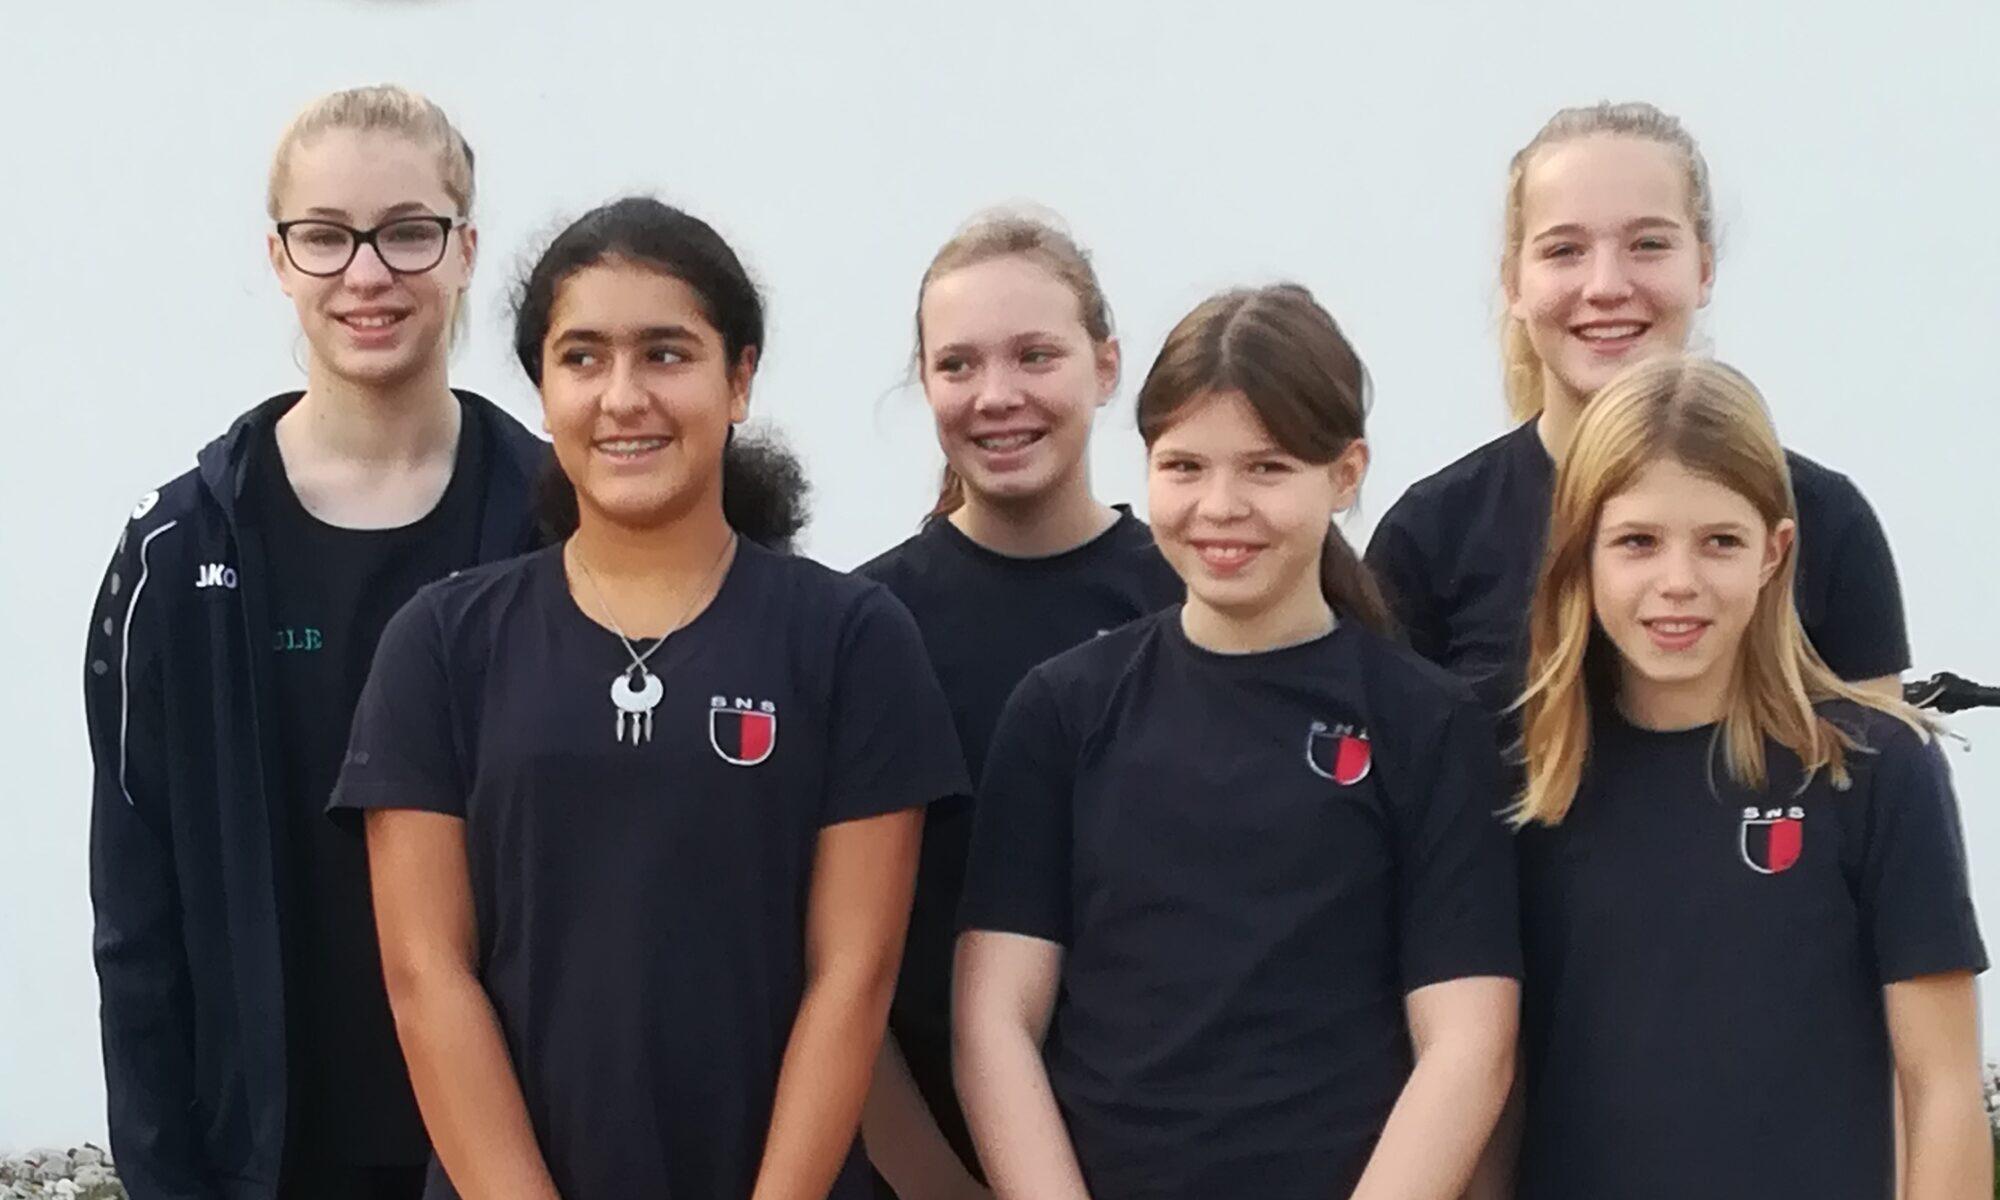 Die 6 Siegener Schwimmerinnen